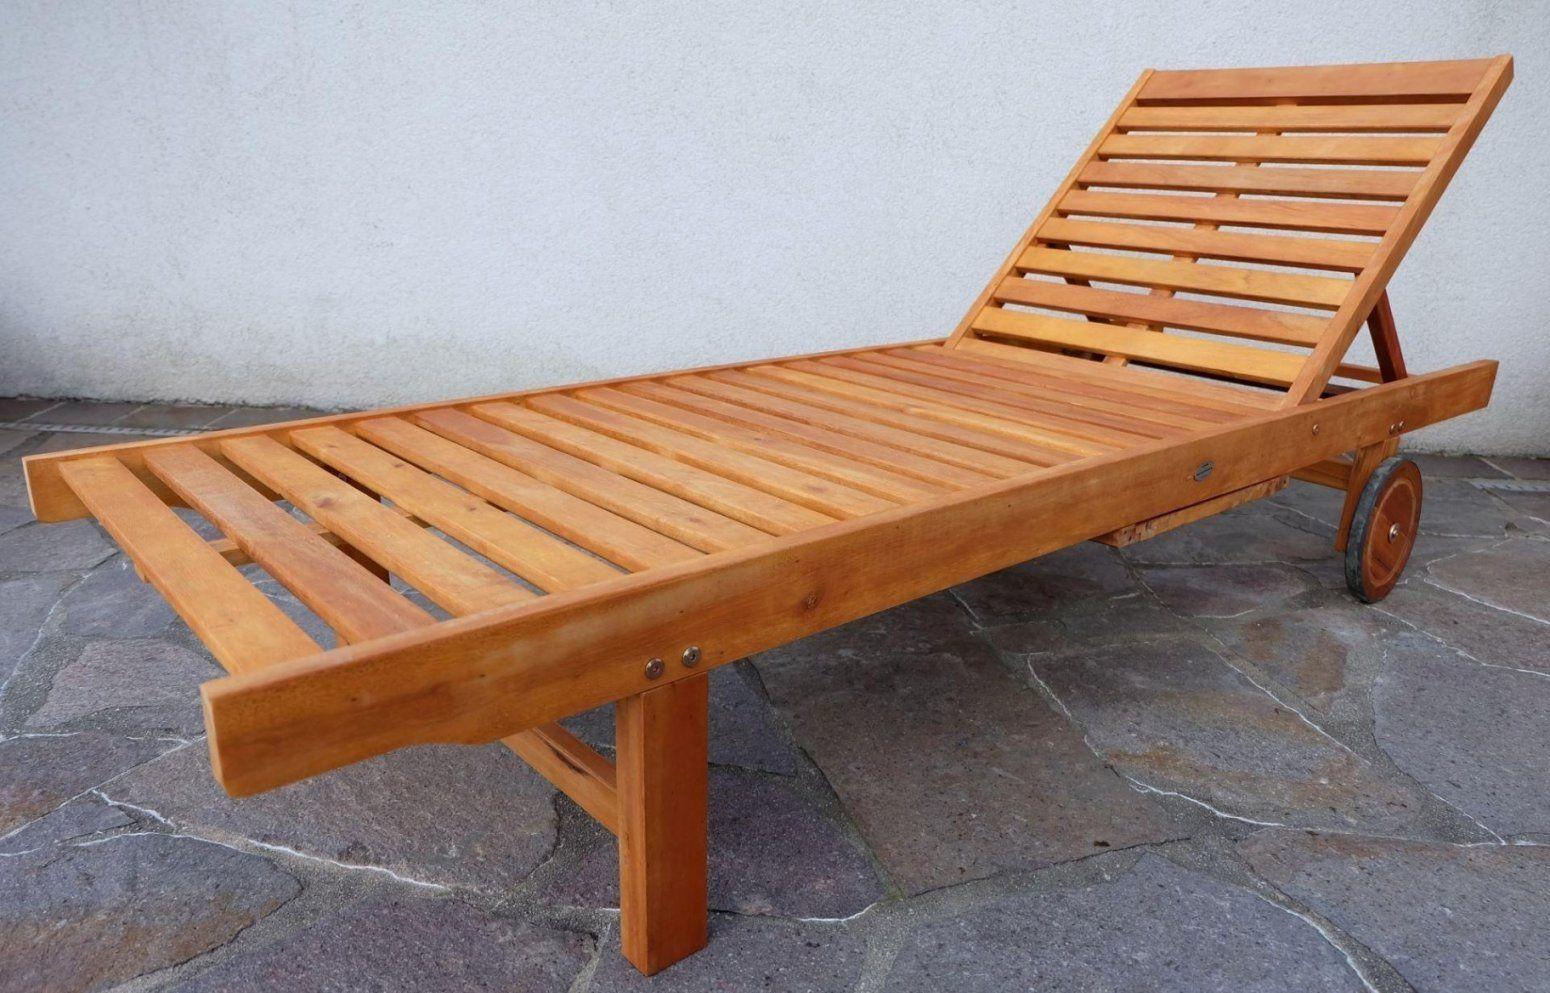 Wunderbar Holz Garten Elegant Genial Garten Liegestuhl Holz Zum von Holz Liegestuhl Selber Bauen Photo